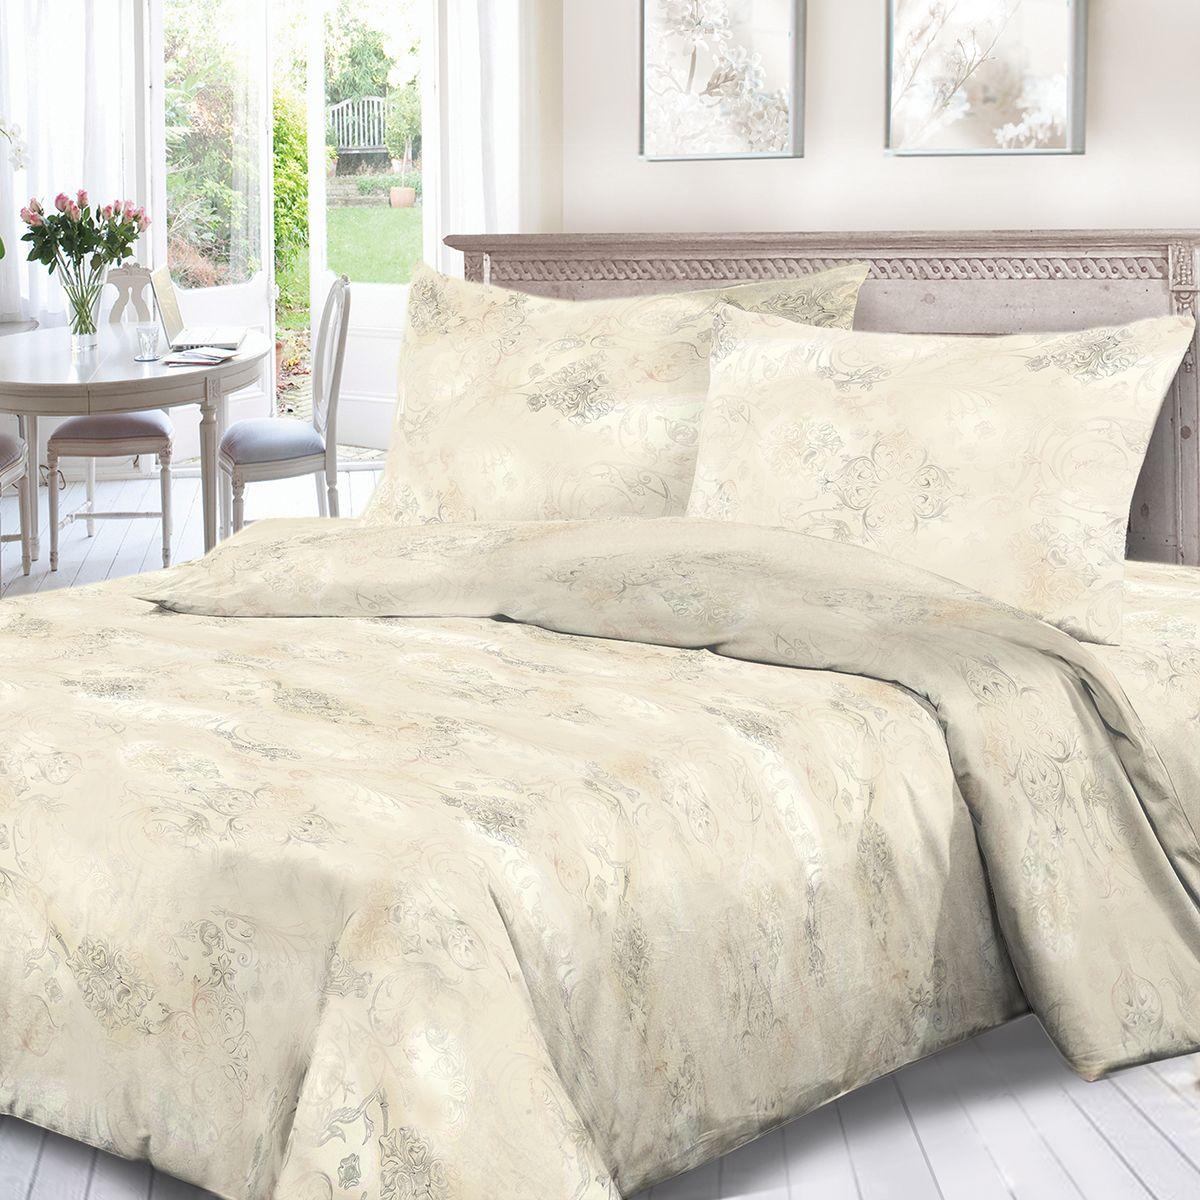 Комплект белья Сорренто Шелковый путь, 2-х спальное, наволочки 70x70, цвет: бежевый. 3891-180265